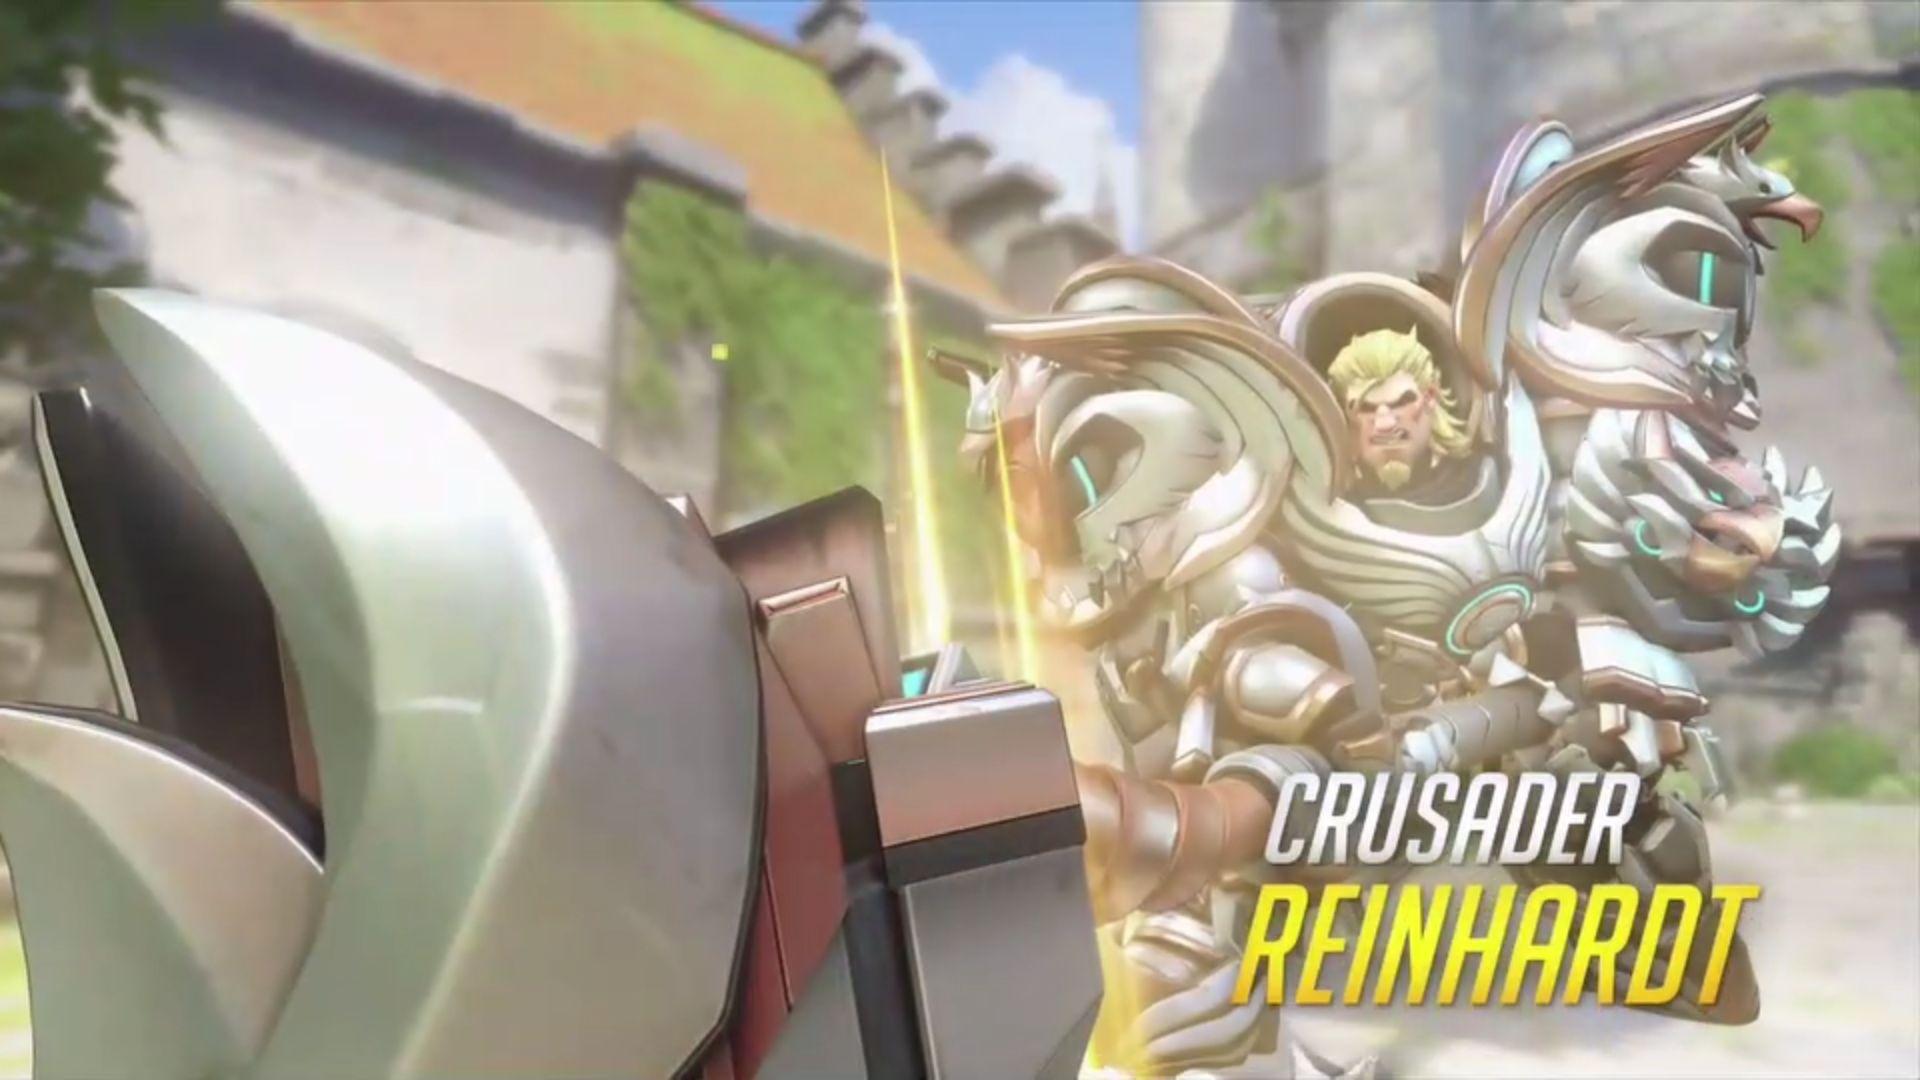 Overwatch New Skins Cursader Reinhardt